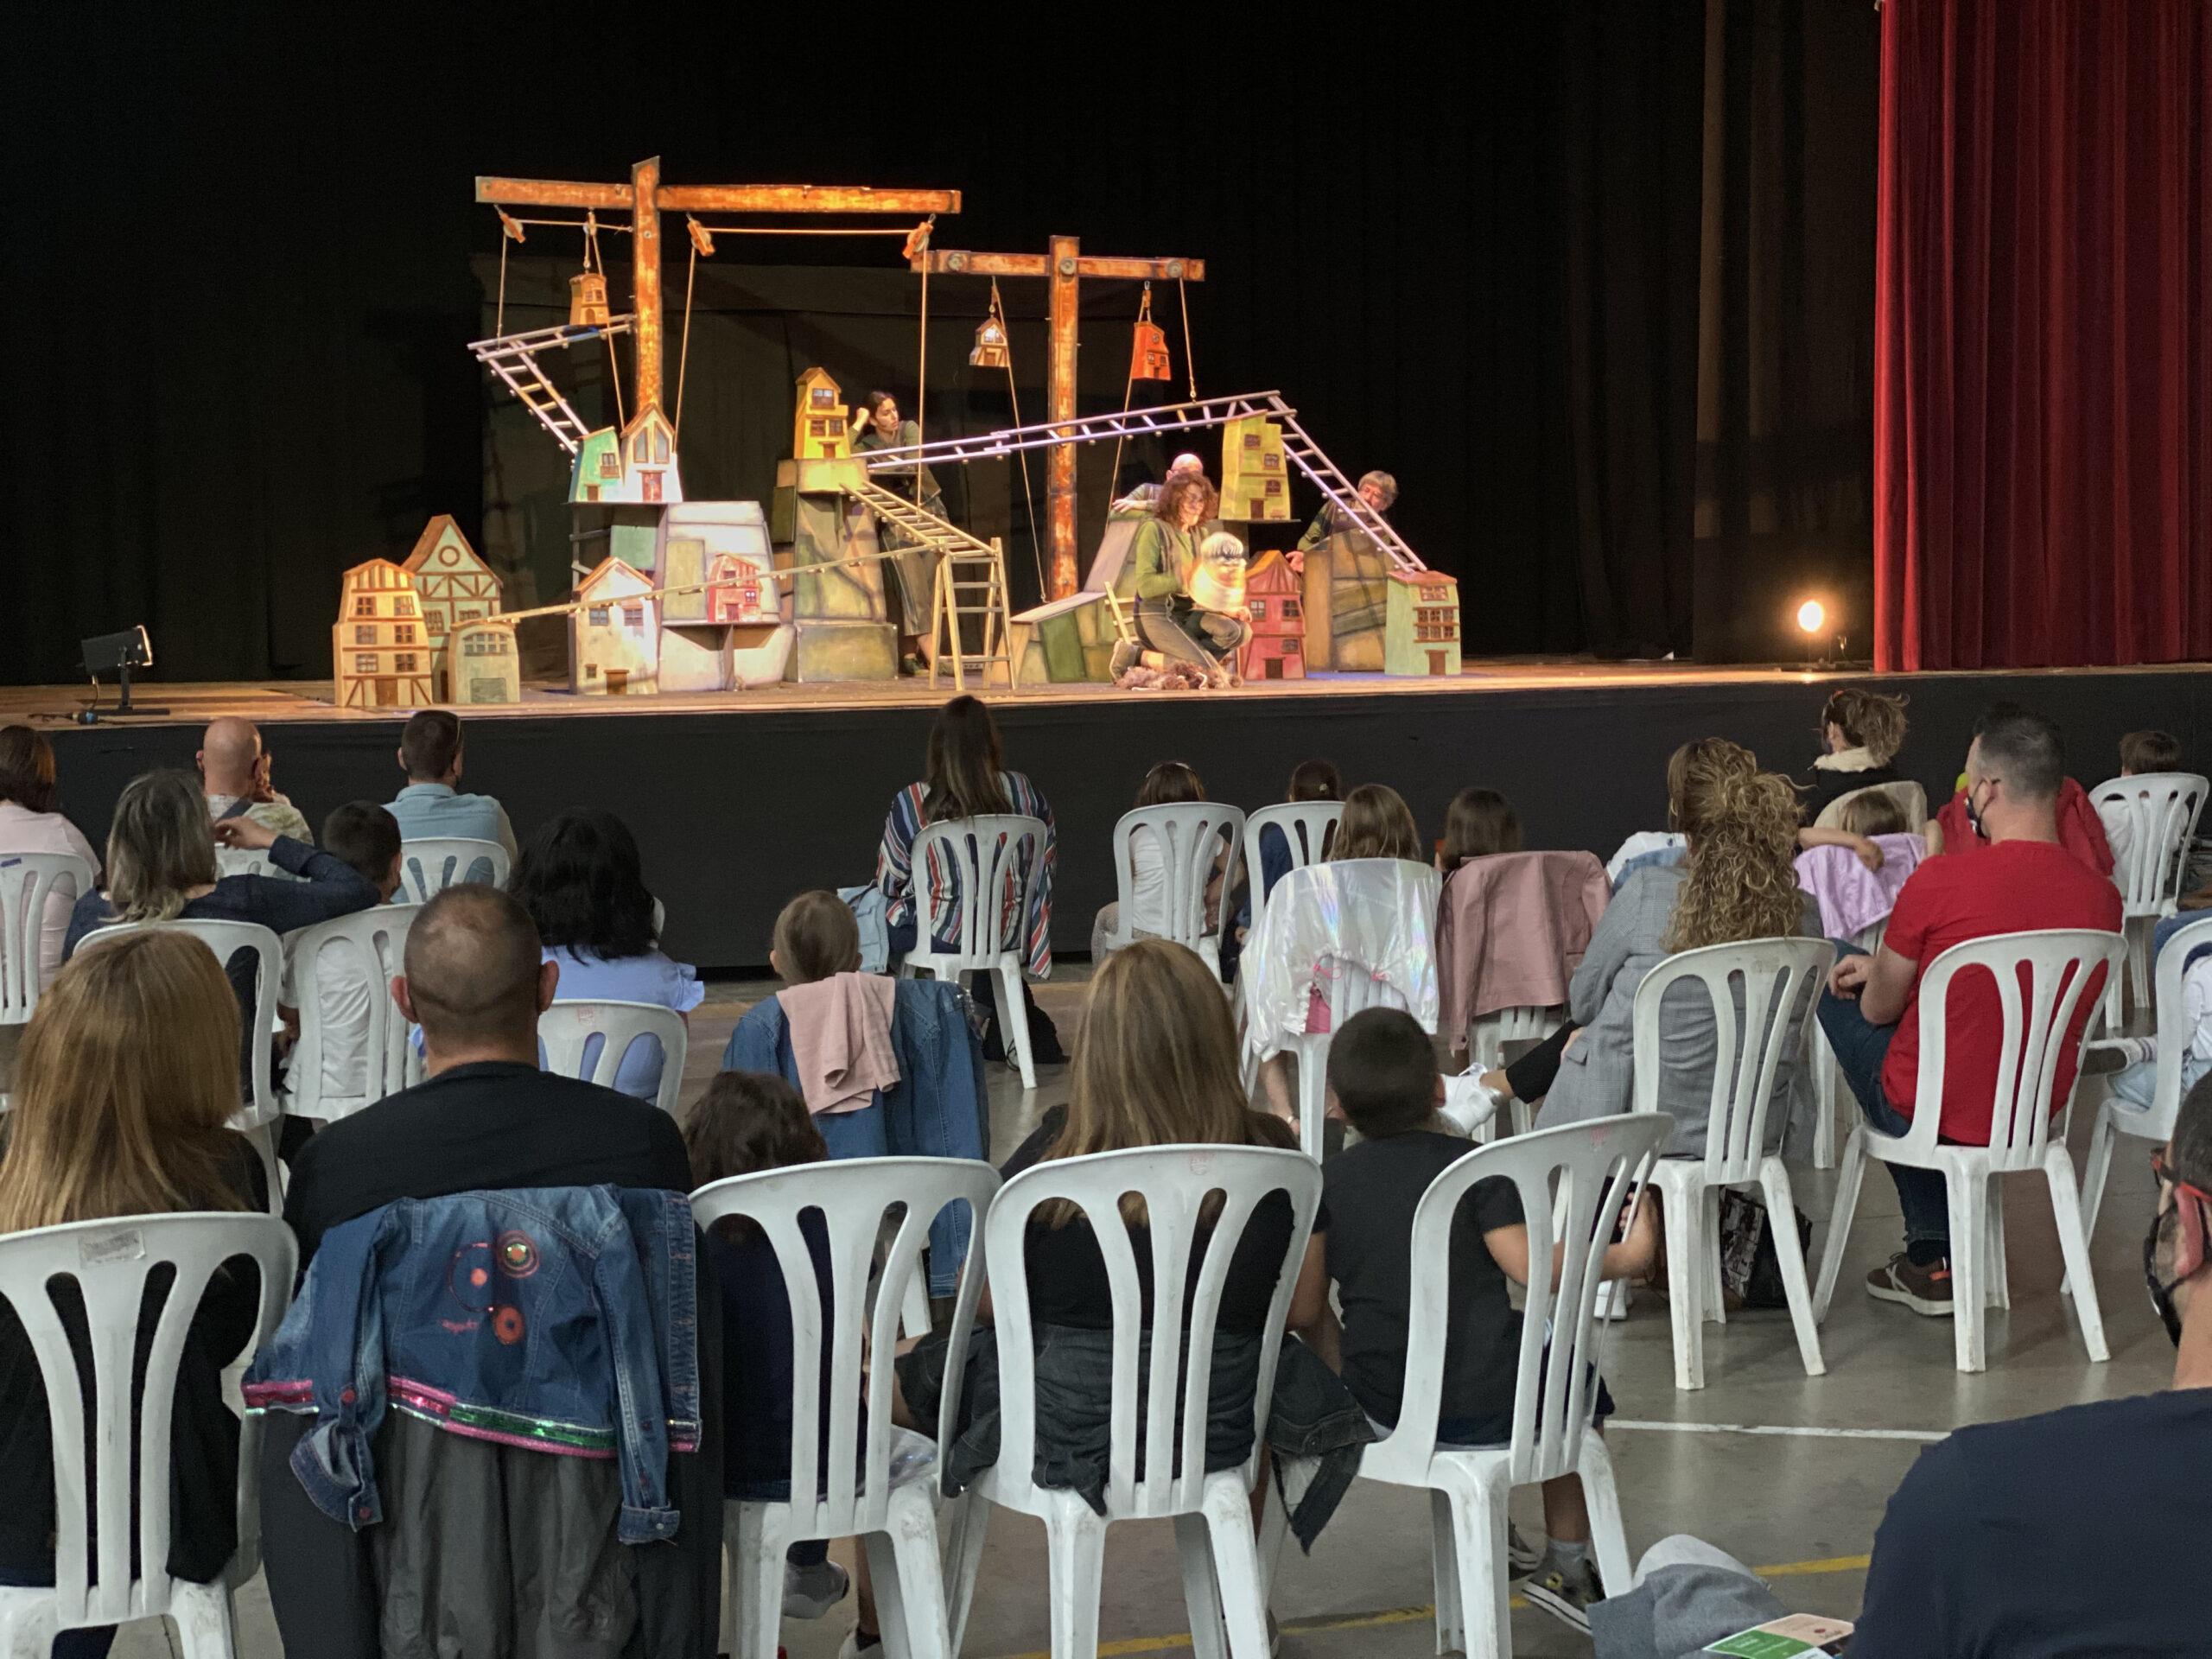 Torna el Cicle Baldufa a les Borges amb l'espectacle de titelles 'La llàntia meravellosa', aquest dissabte